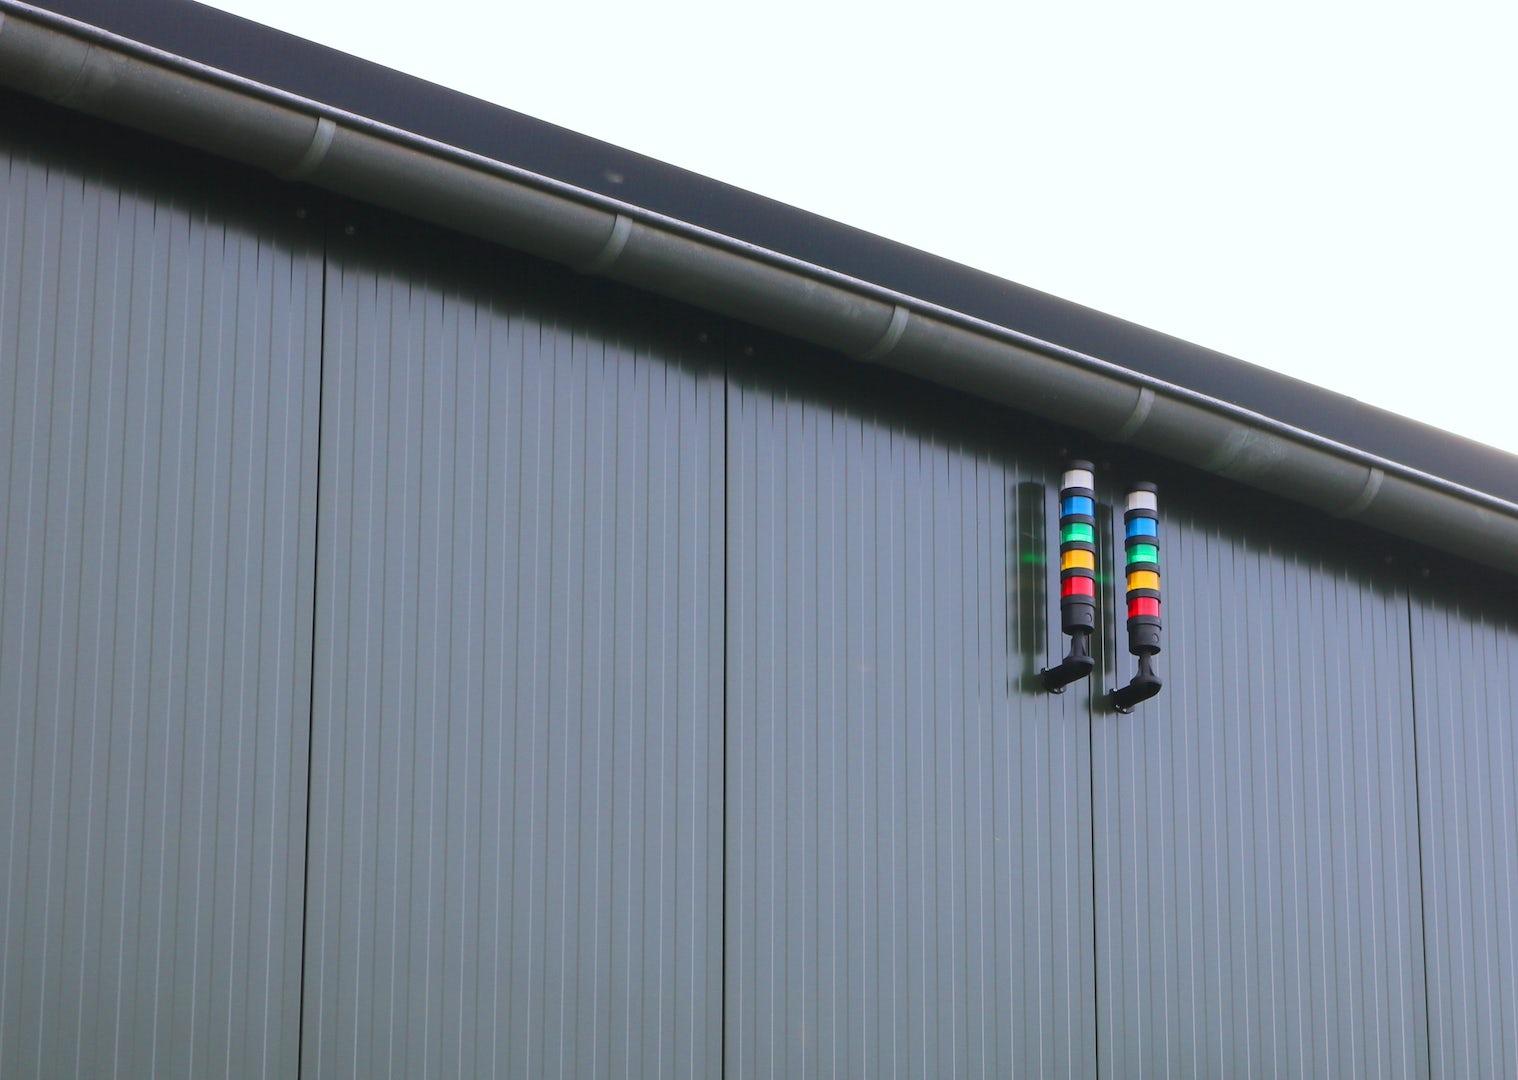 Alarm pole outside